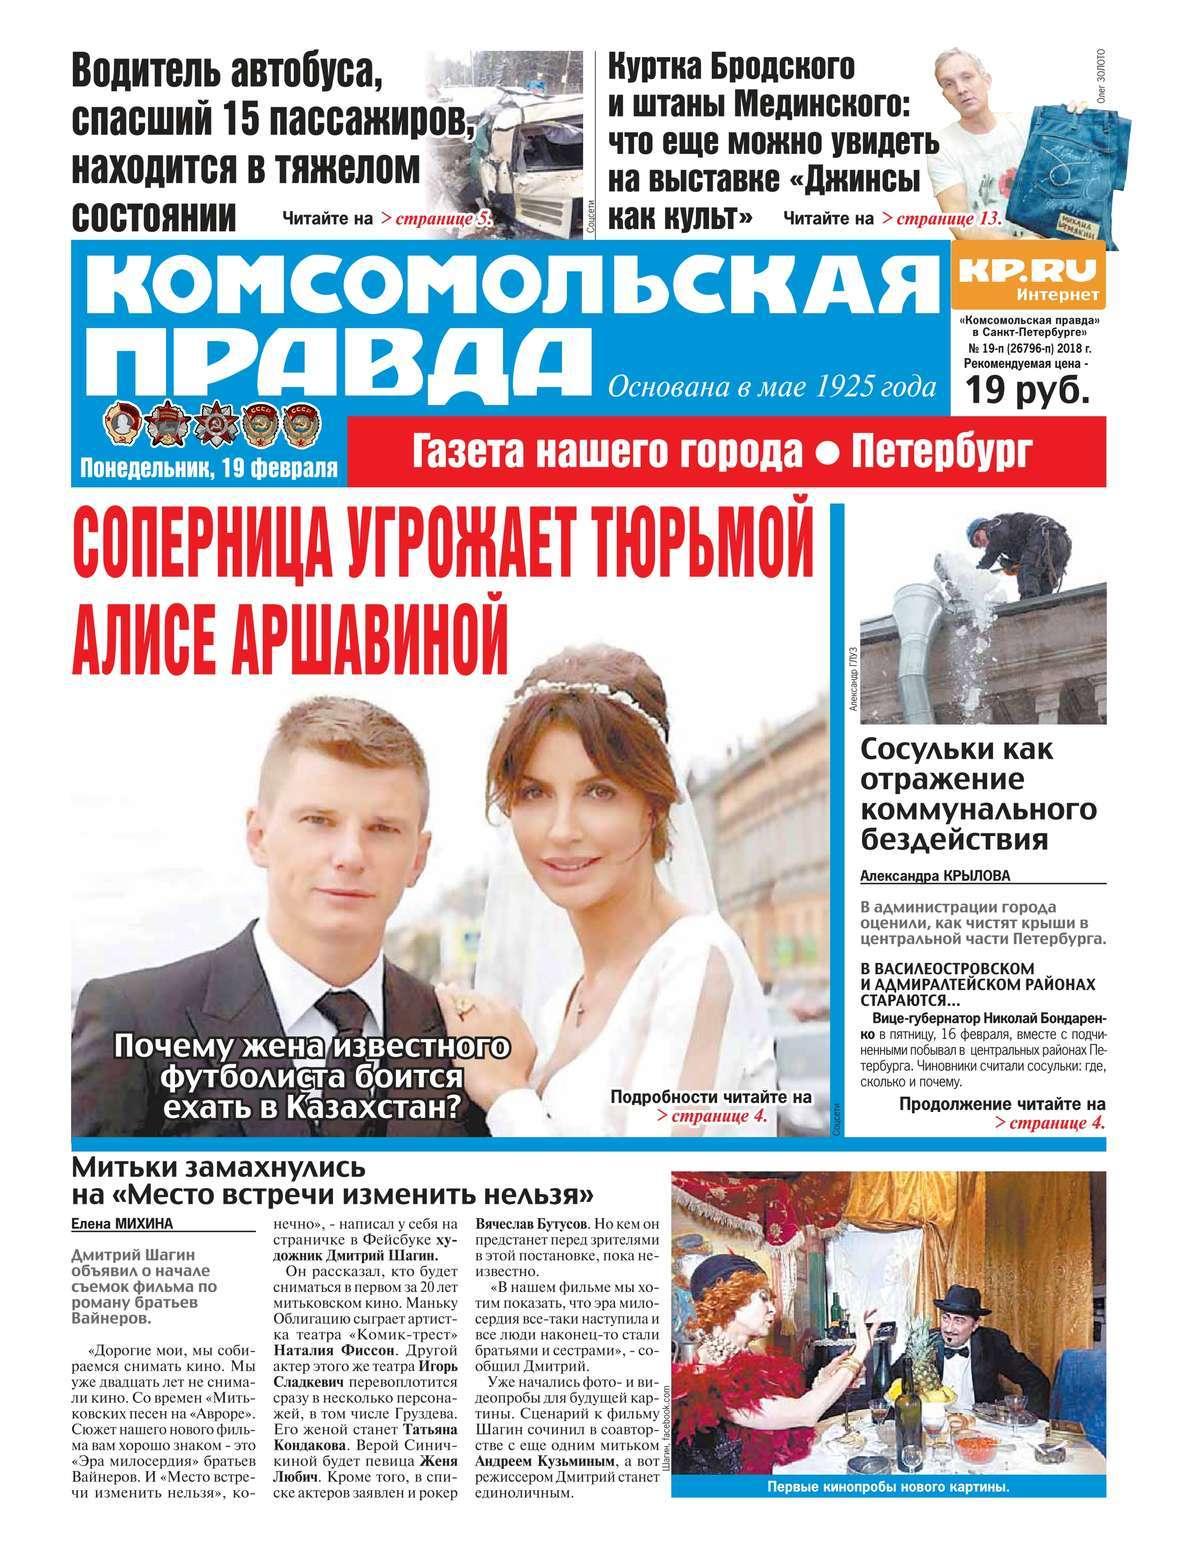 Комсомольская Правда. Санкт-Петербург 19п-2018